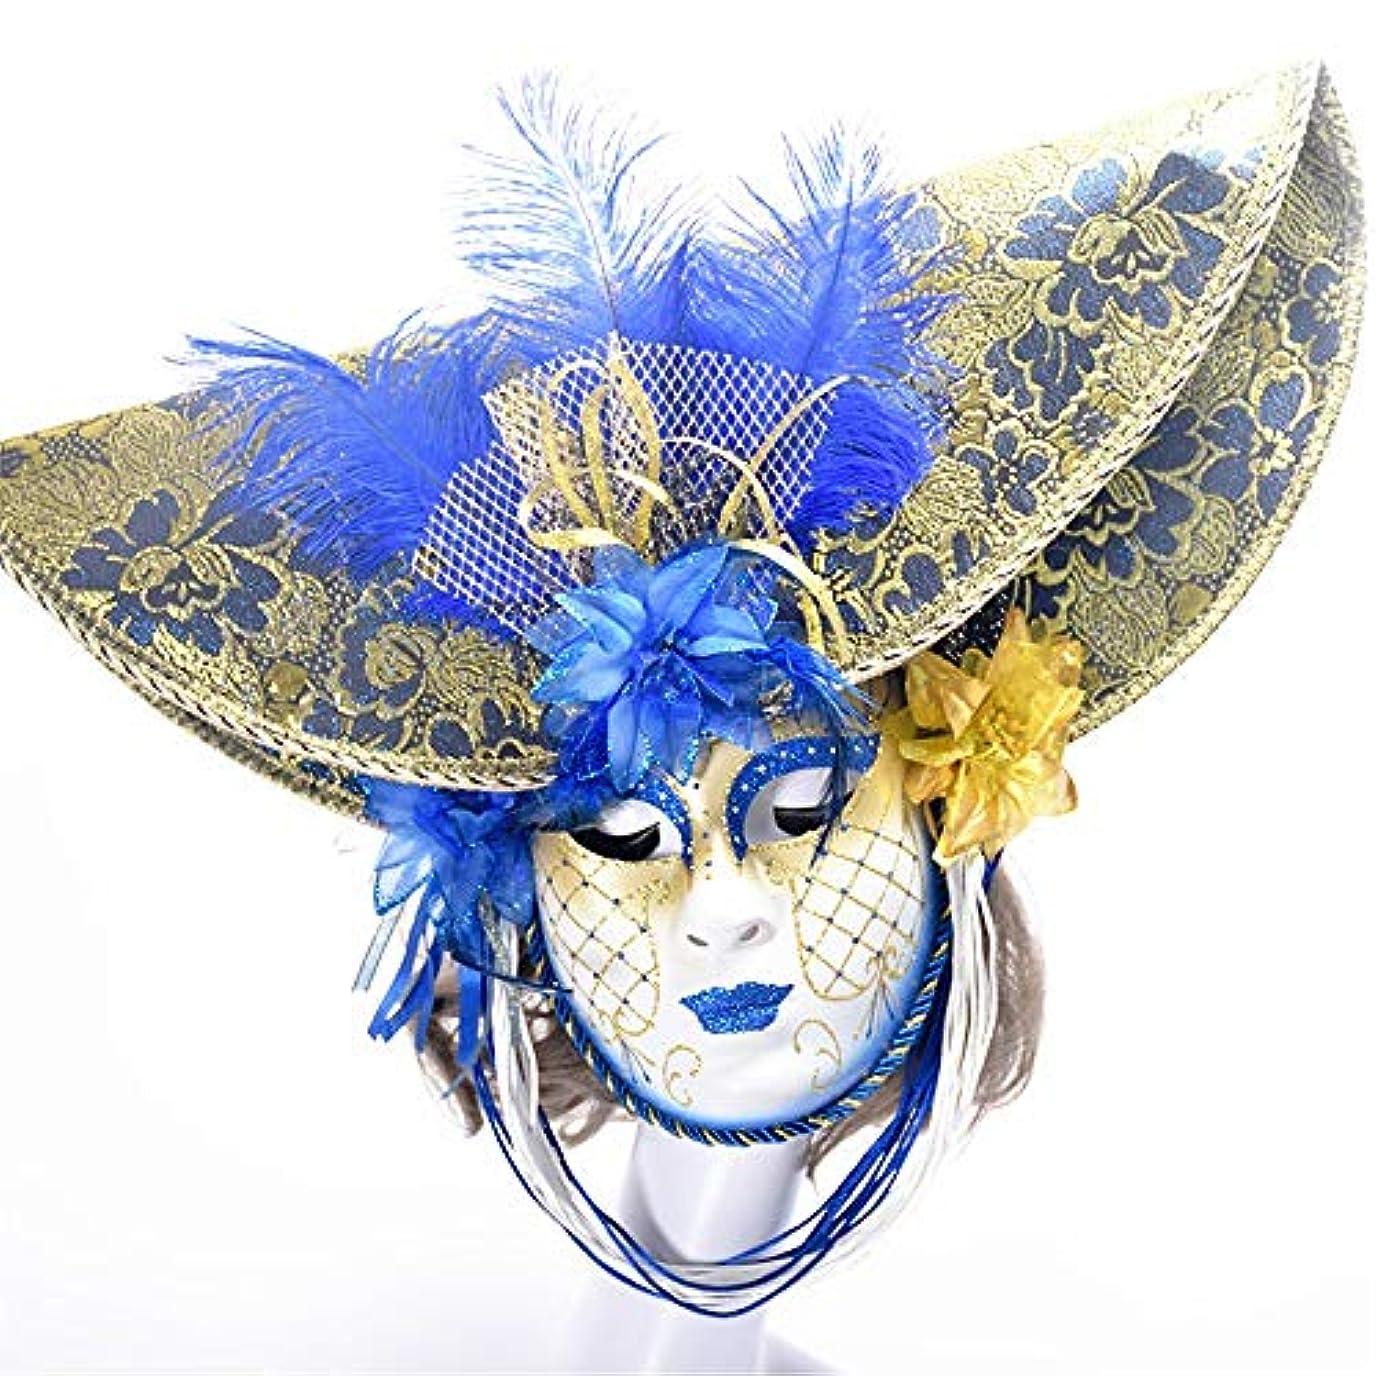 バスト大統領国旗ダンスマスク 手描きフルフェイスマスク大人仮装パーティーブルーフェイスナイトクラブパーティーフェスティバルロールプレイングプラスチックマスク ホリデーパーティー用品 (色 : 青, サイズ : 55x35cm)